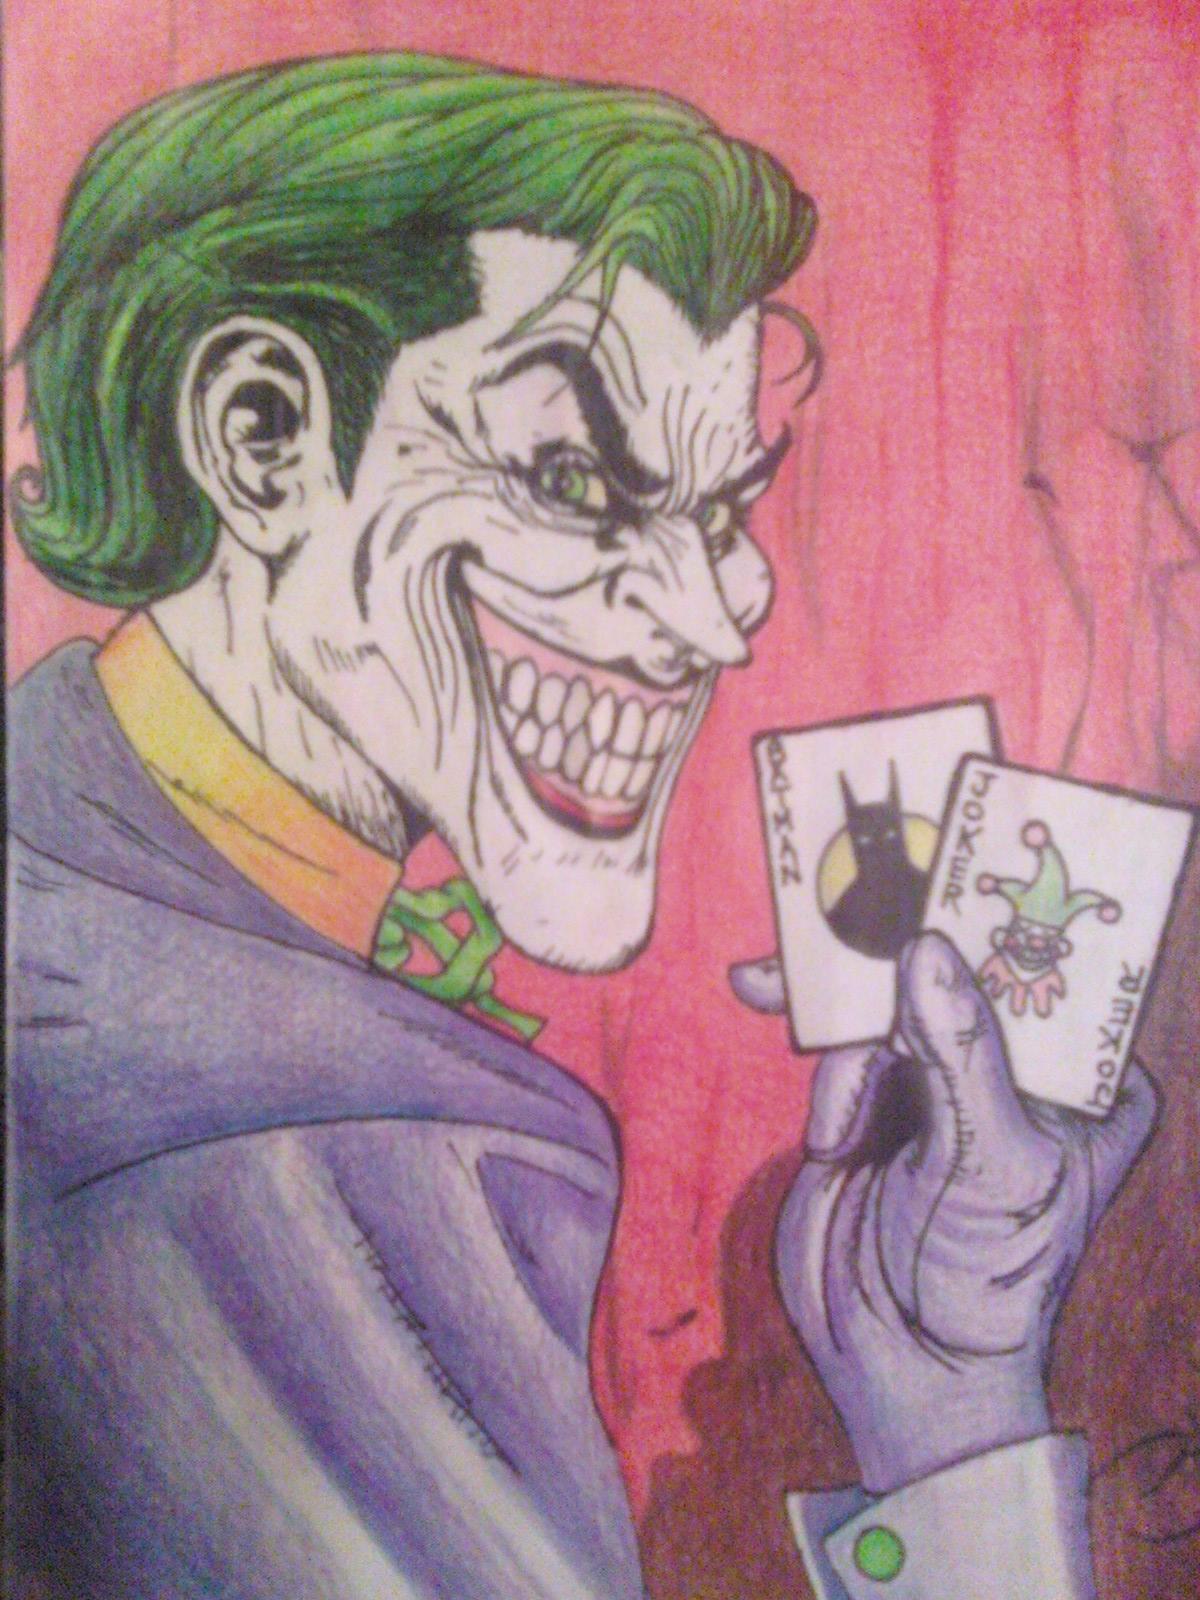 My rendition of the Joker